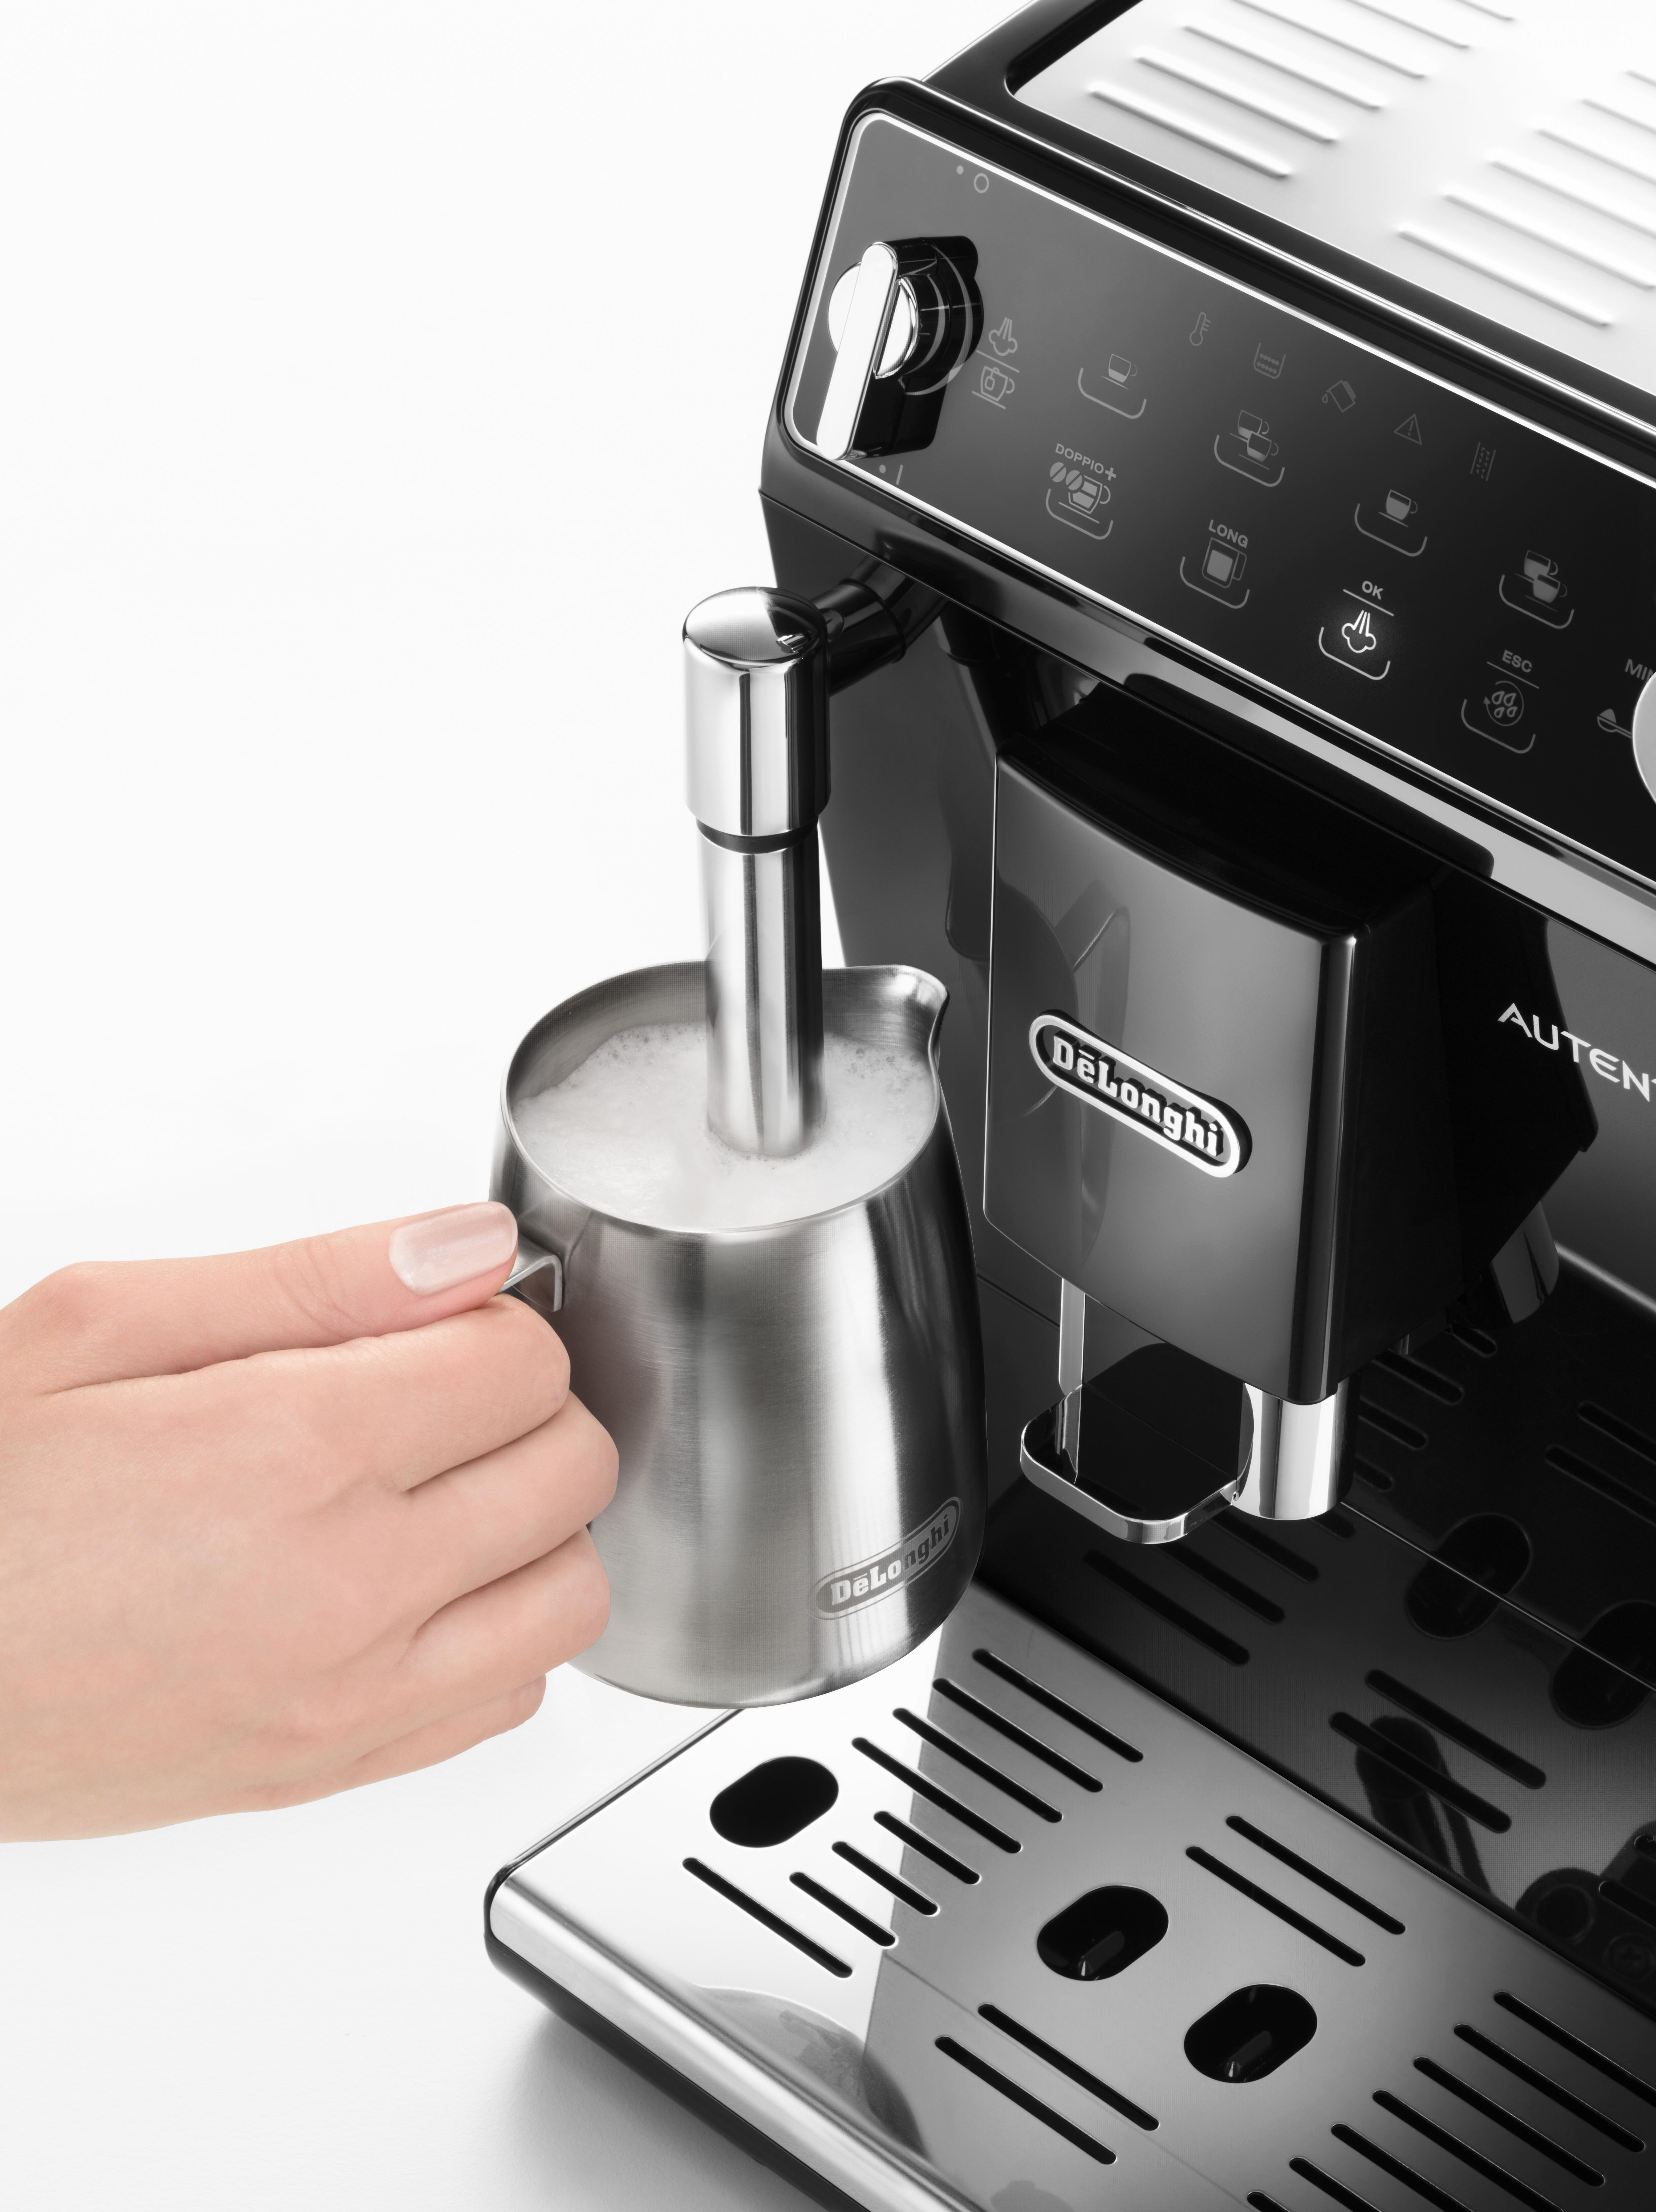 Кофеварка / кофемашина DeLonghi Autentica ETAM 29.510.B